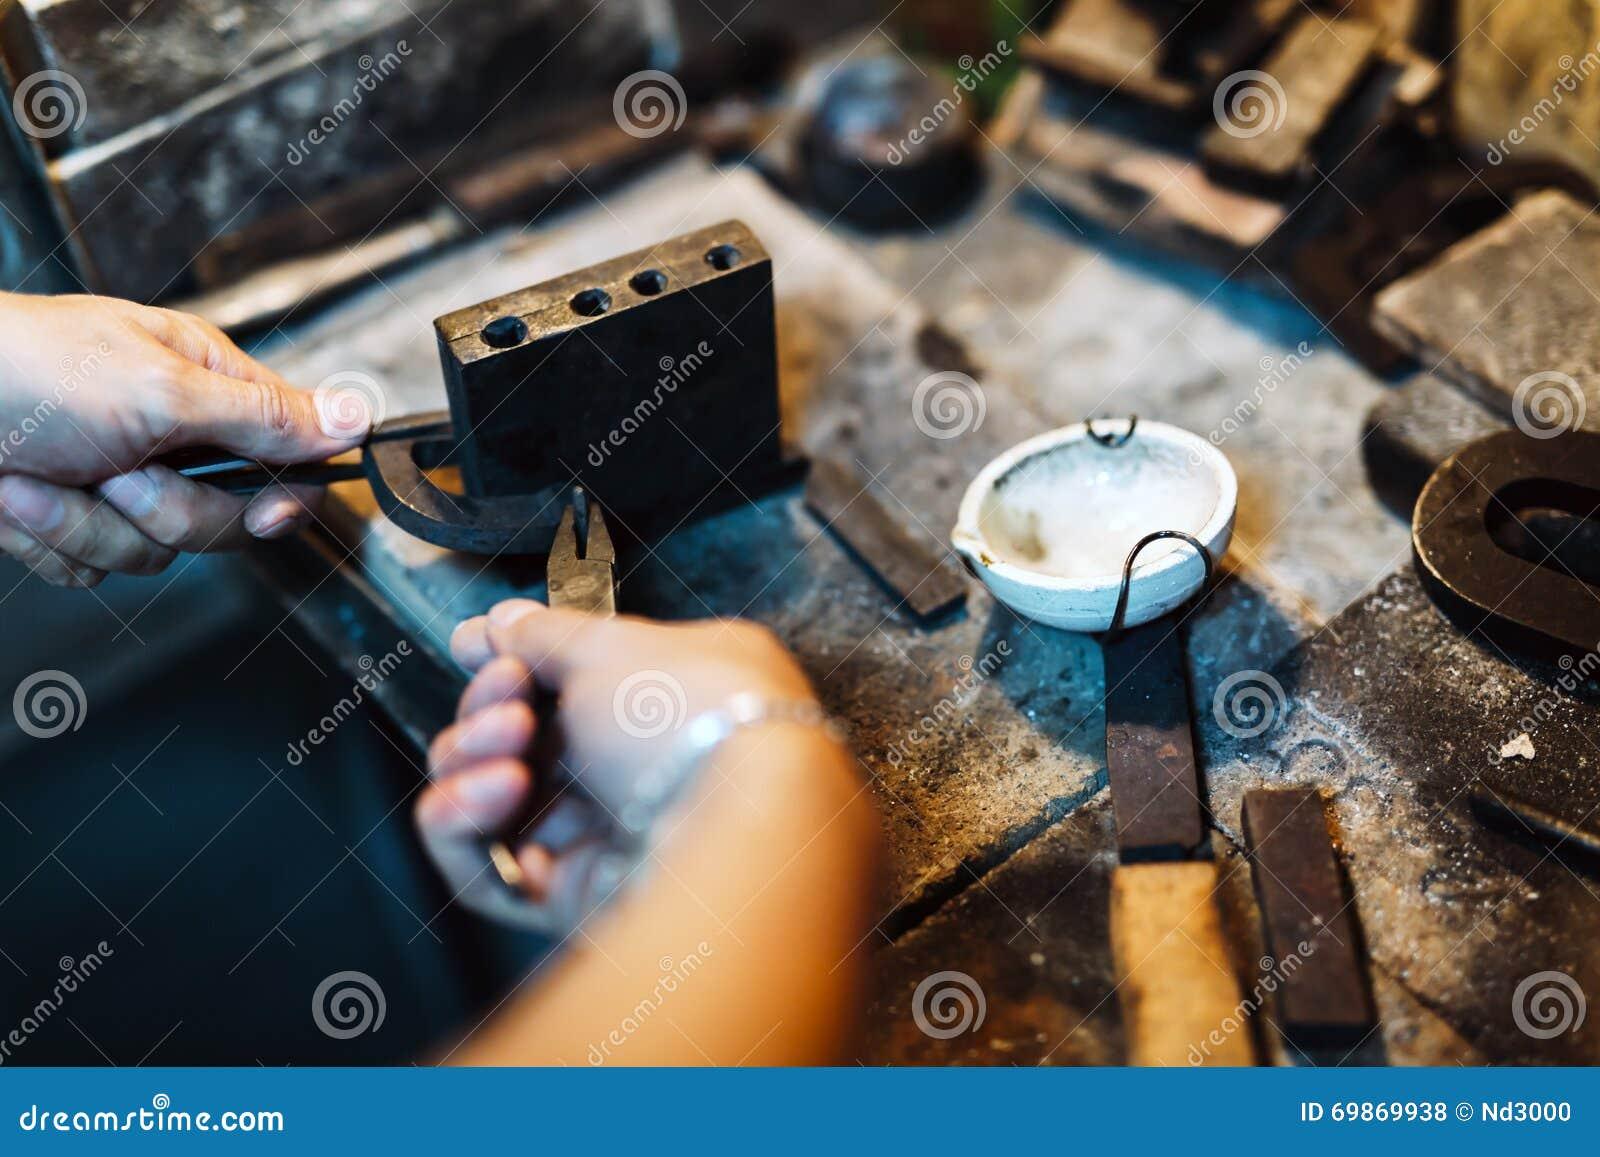 Złotnik wykonuje ręcznie klejnoty